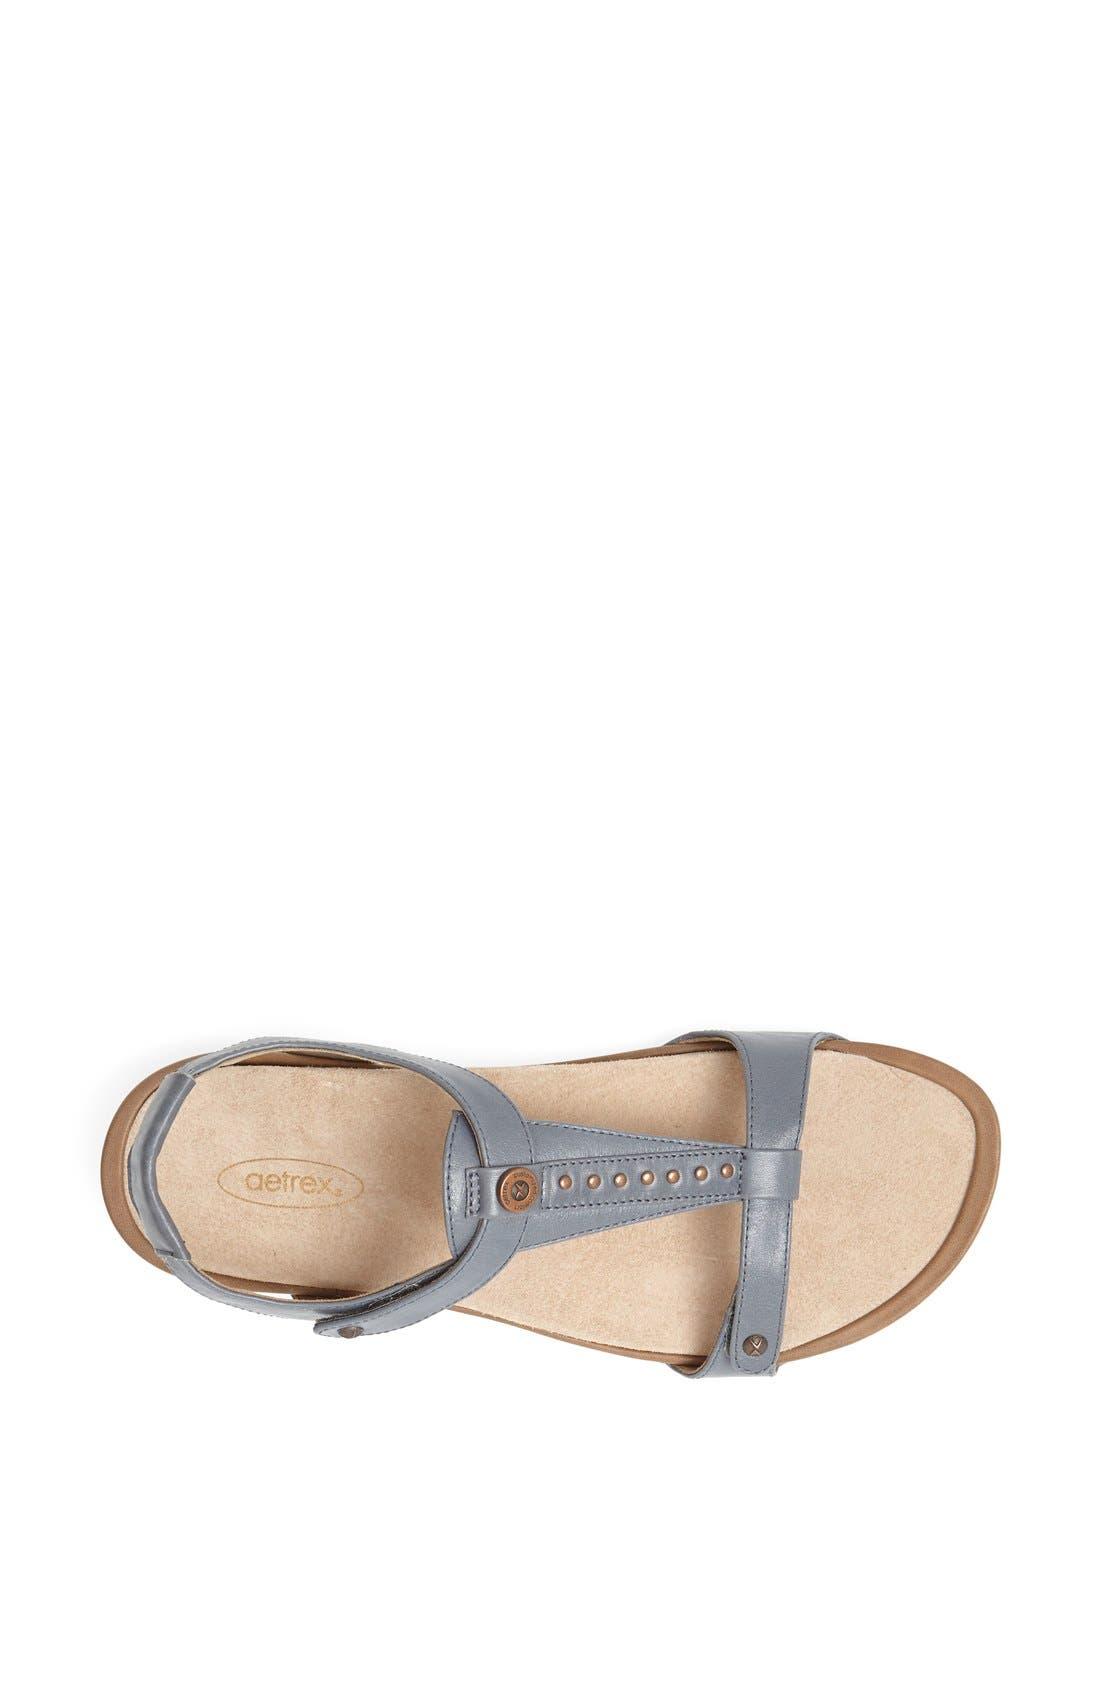 Alternate Image 3  - Aetrex 'Alyssa' Leather Sandal